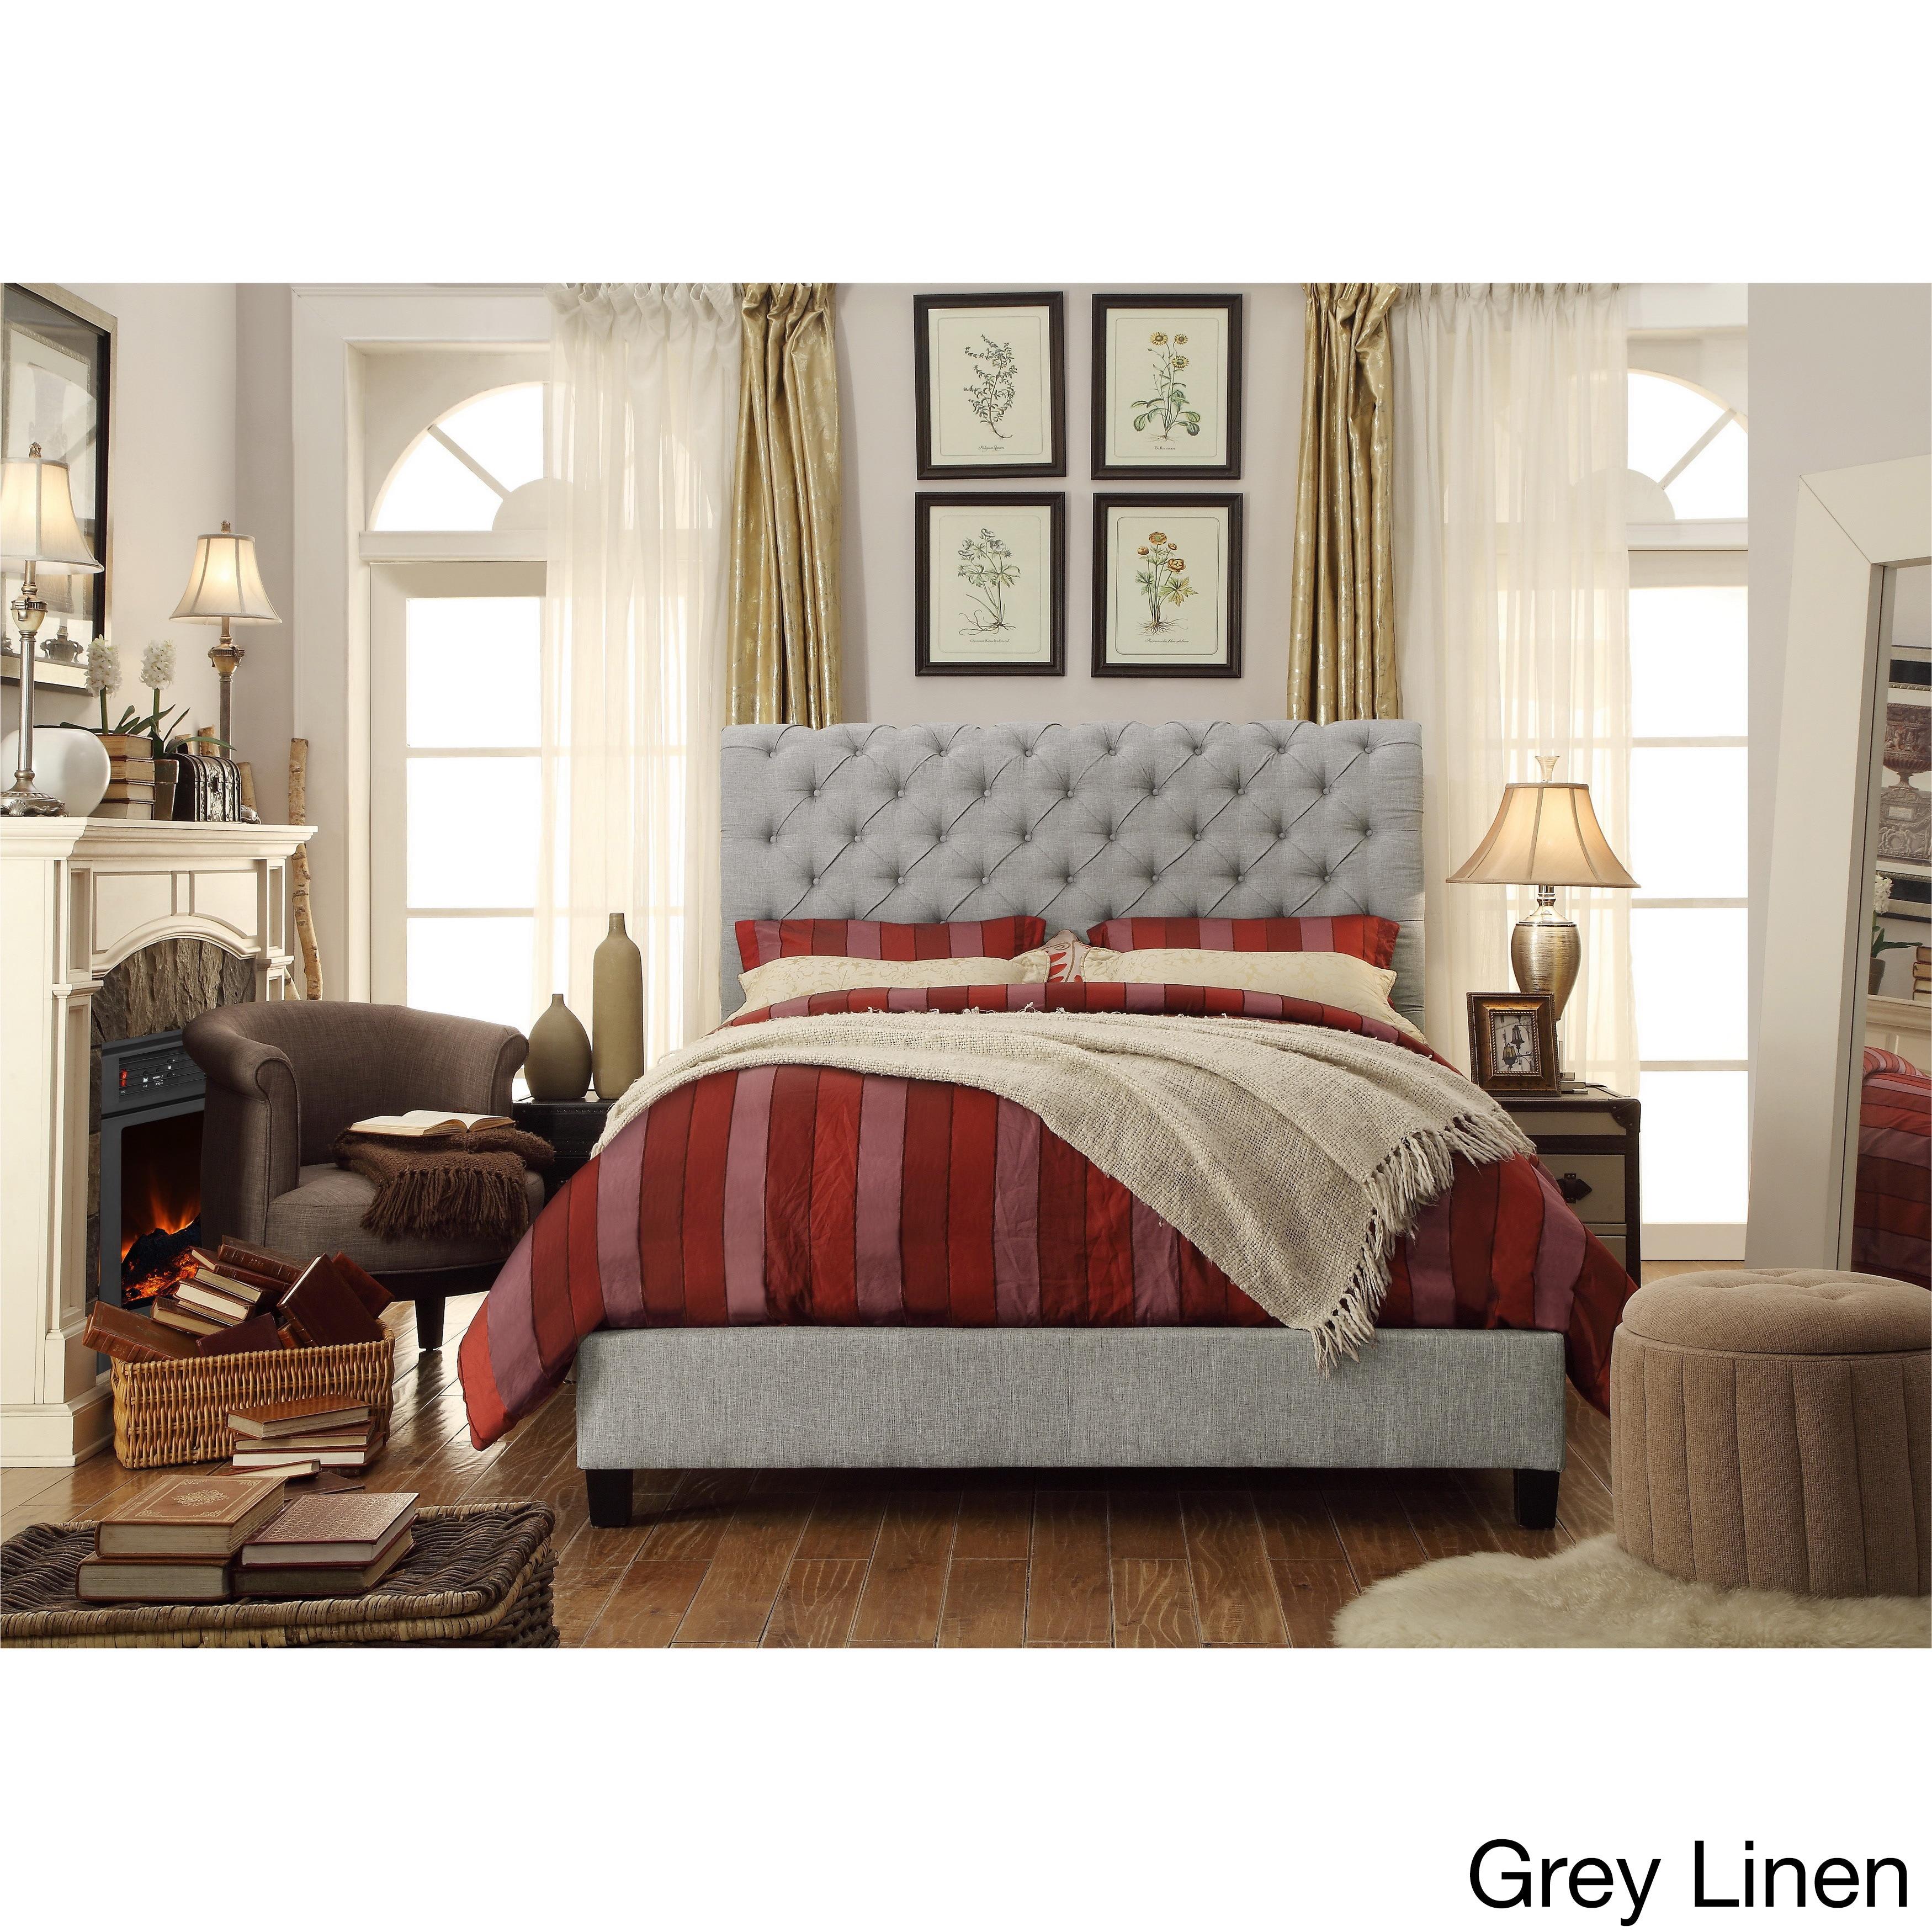 platform bed adjustable height for less overstock com